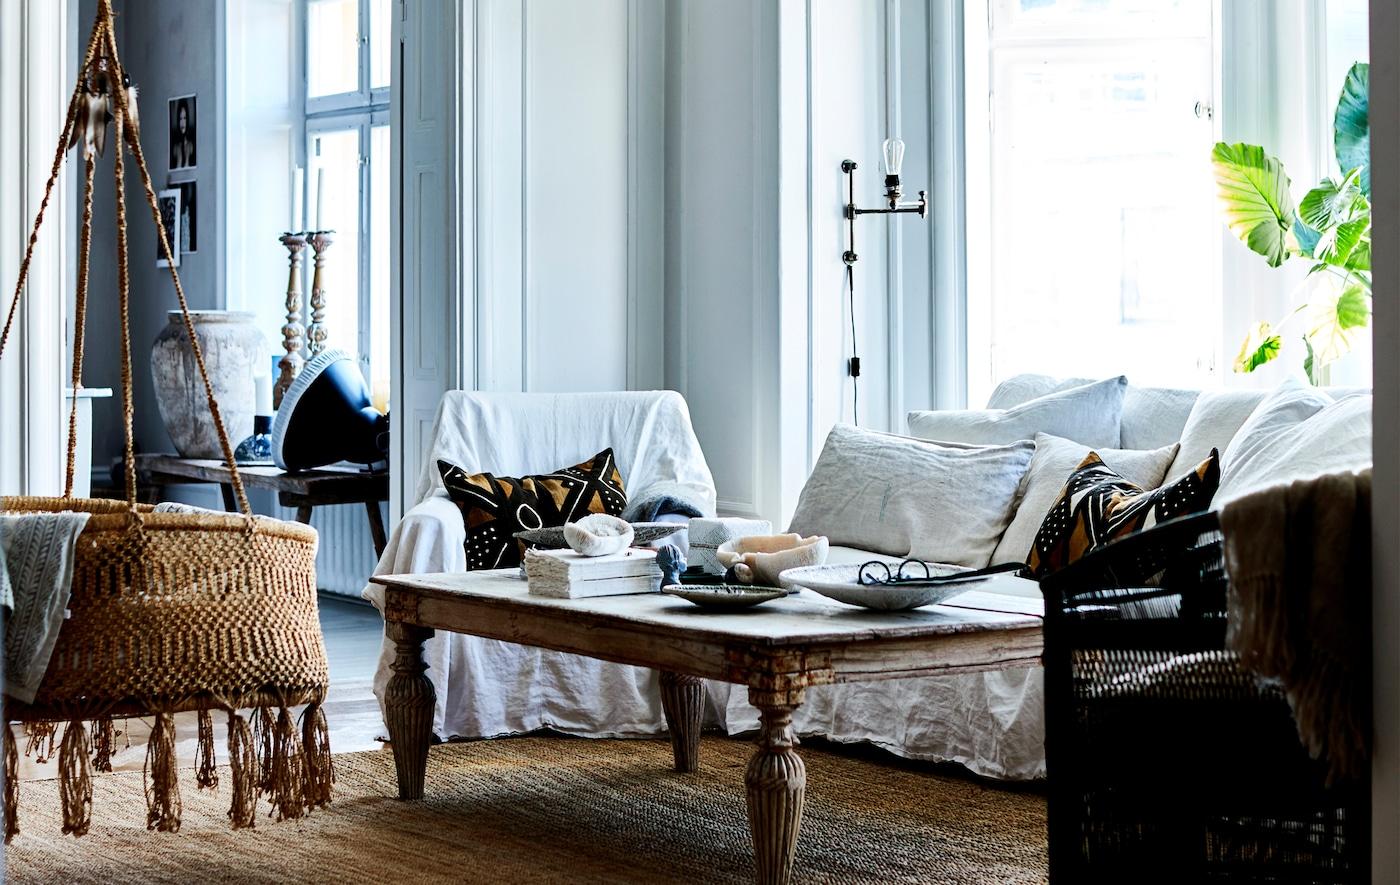 Soggiorno con divano bianco, tavolo rustico e seduta in rattan appesa al soffitto - IKEA